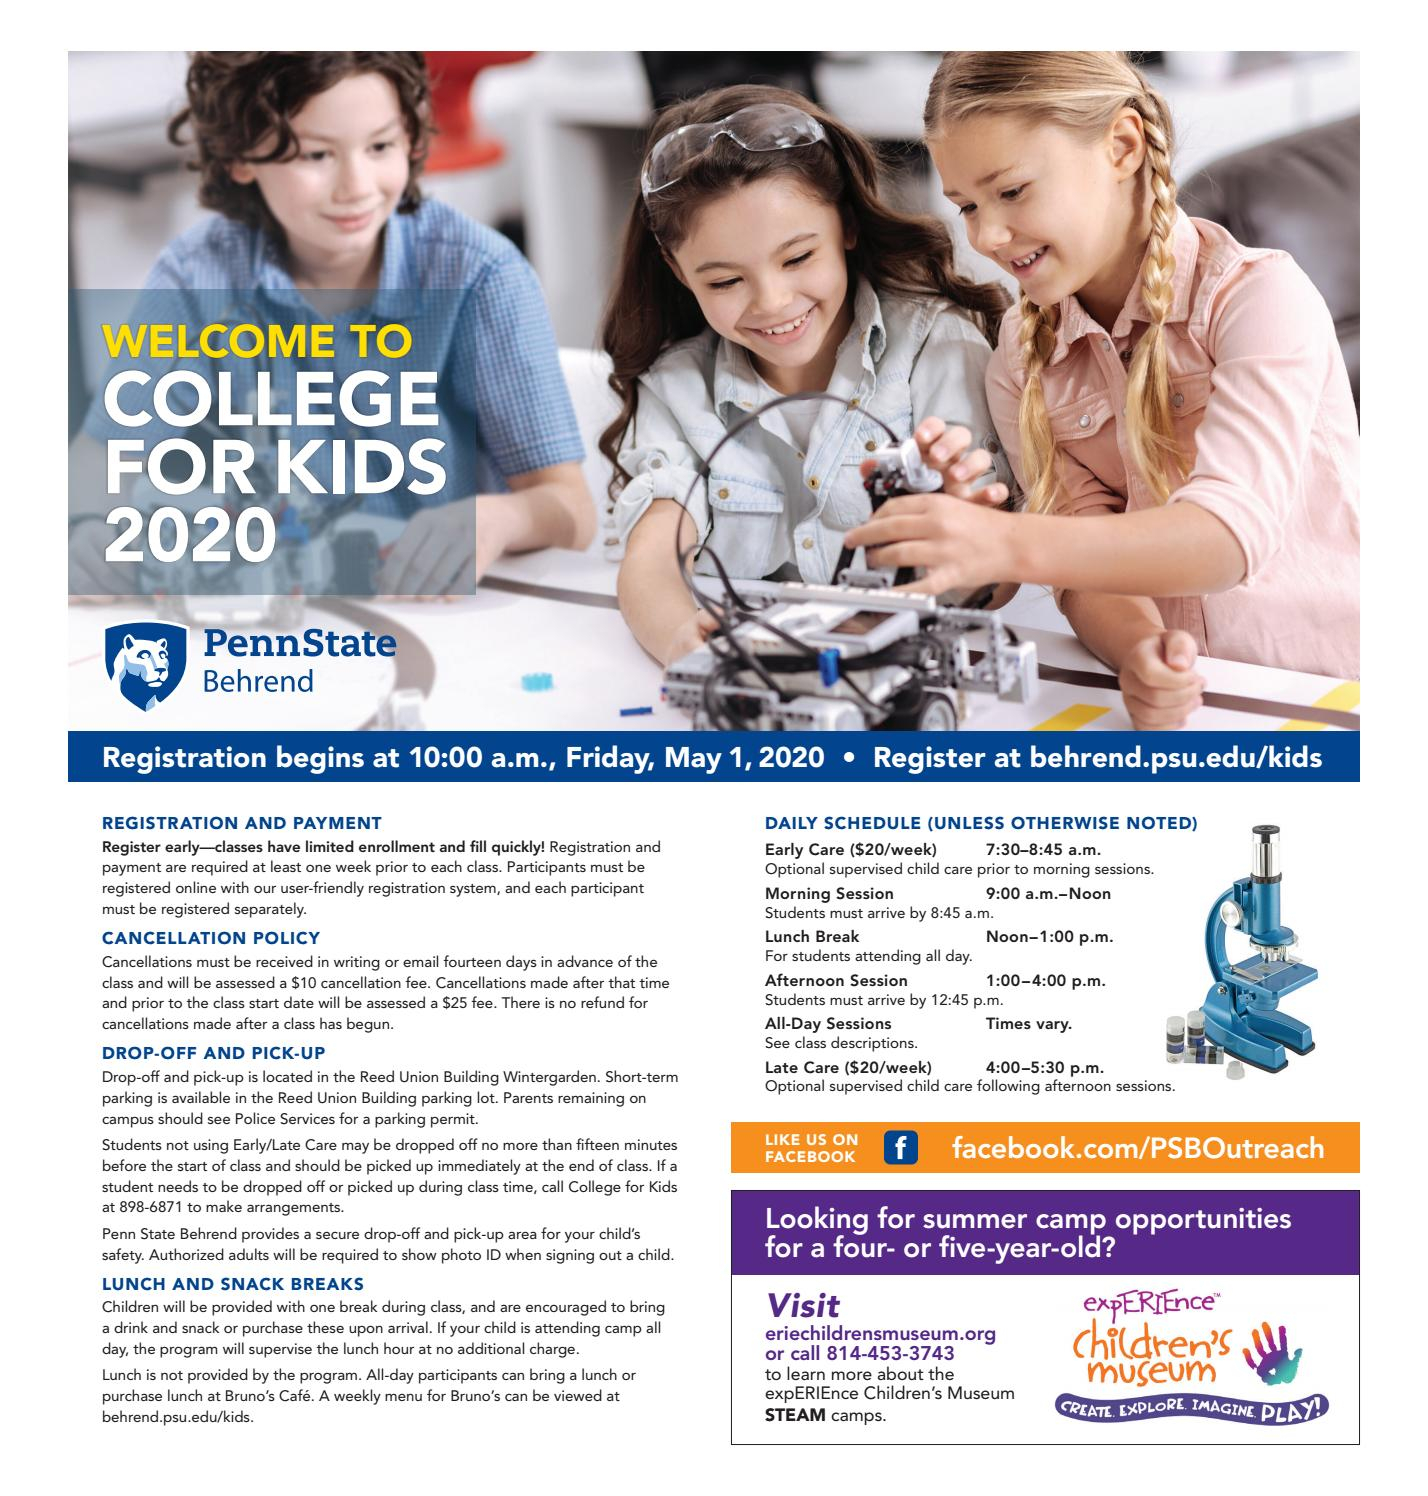 College For Kids 2020 Brochurepenn State Behrend - Issuu Regarding Behrend School Calendar